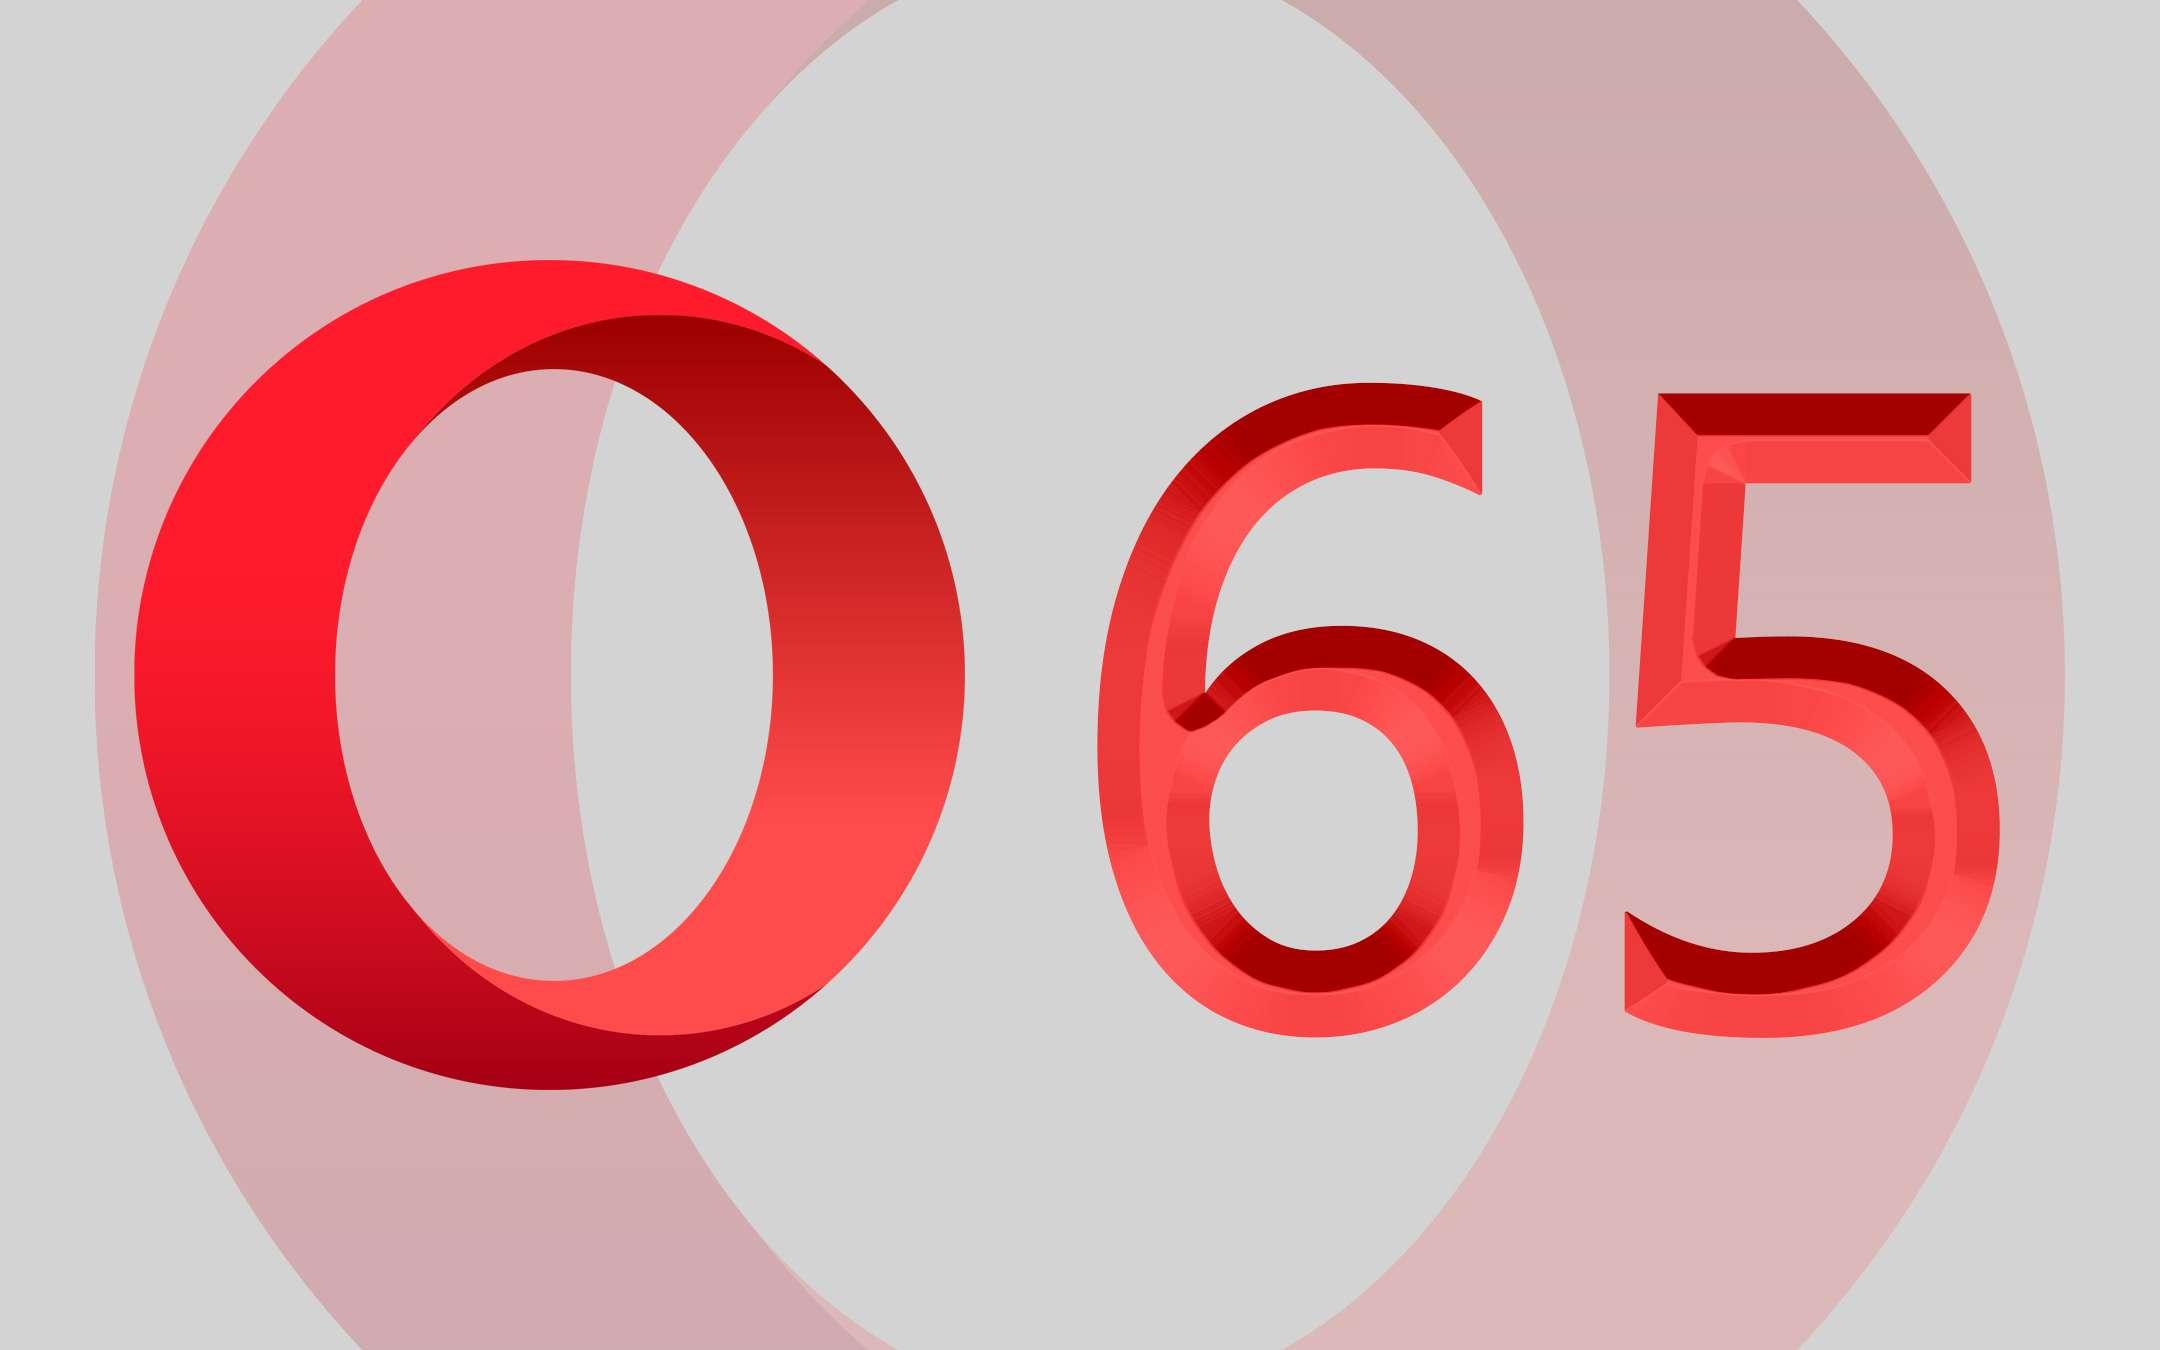 Opera 65